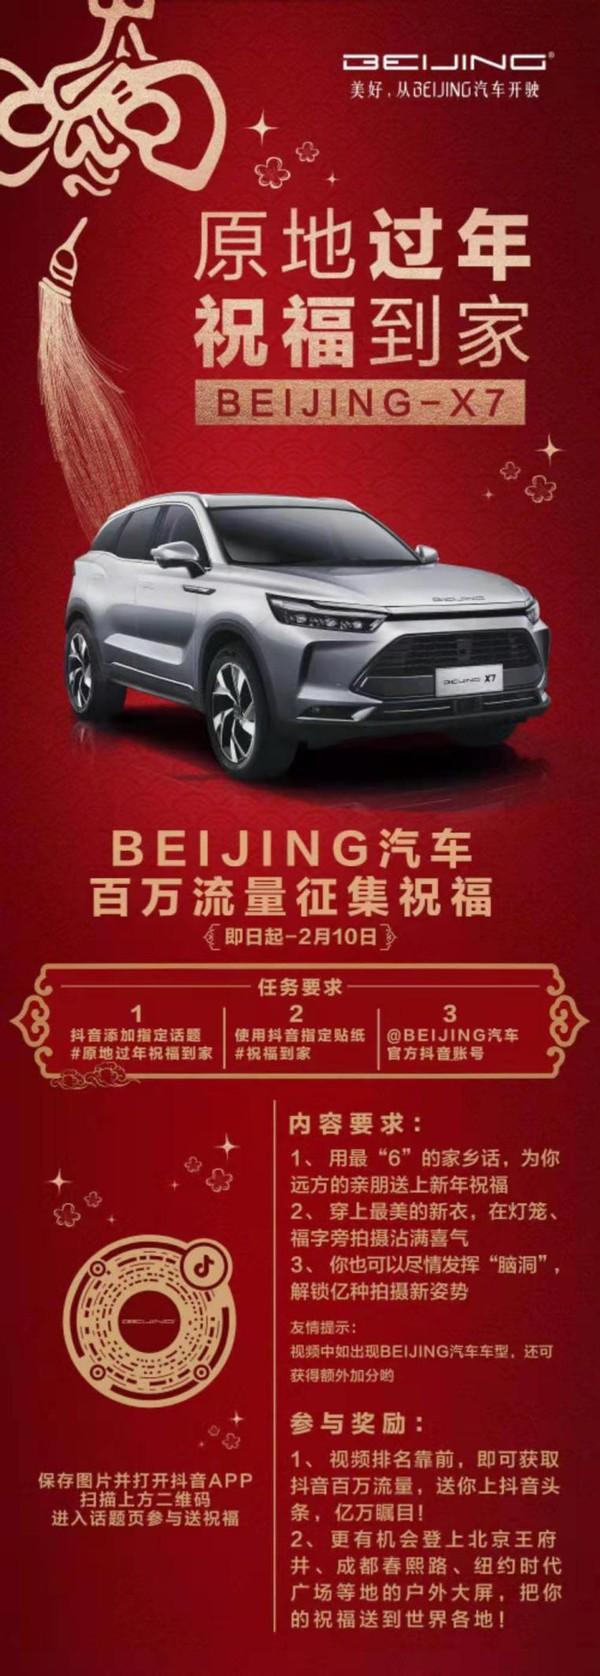 """過年全新方式BEIJING汽車""""我心安處是我家""""儀式感爆棚"""